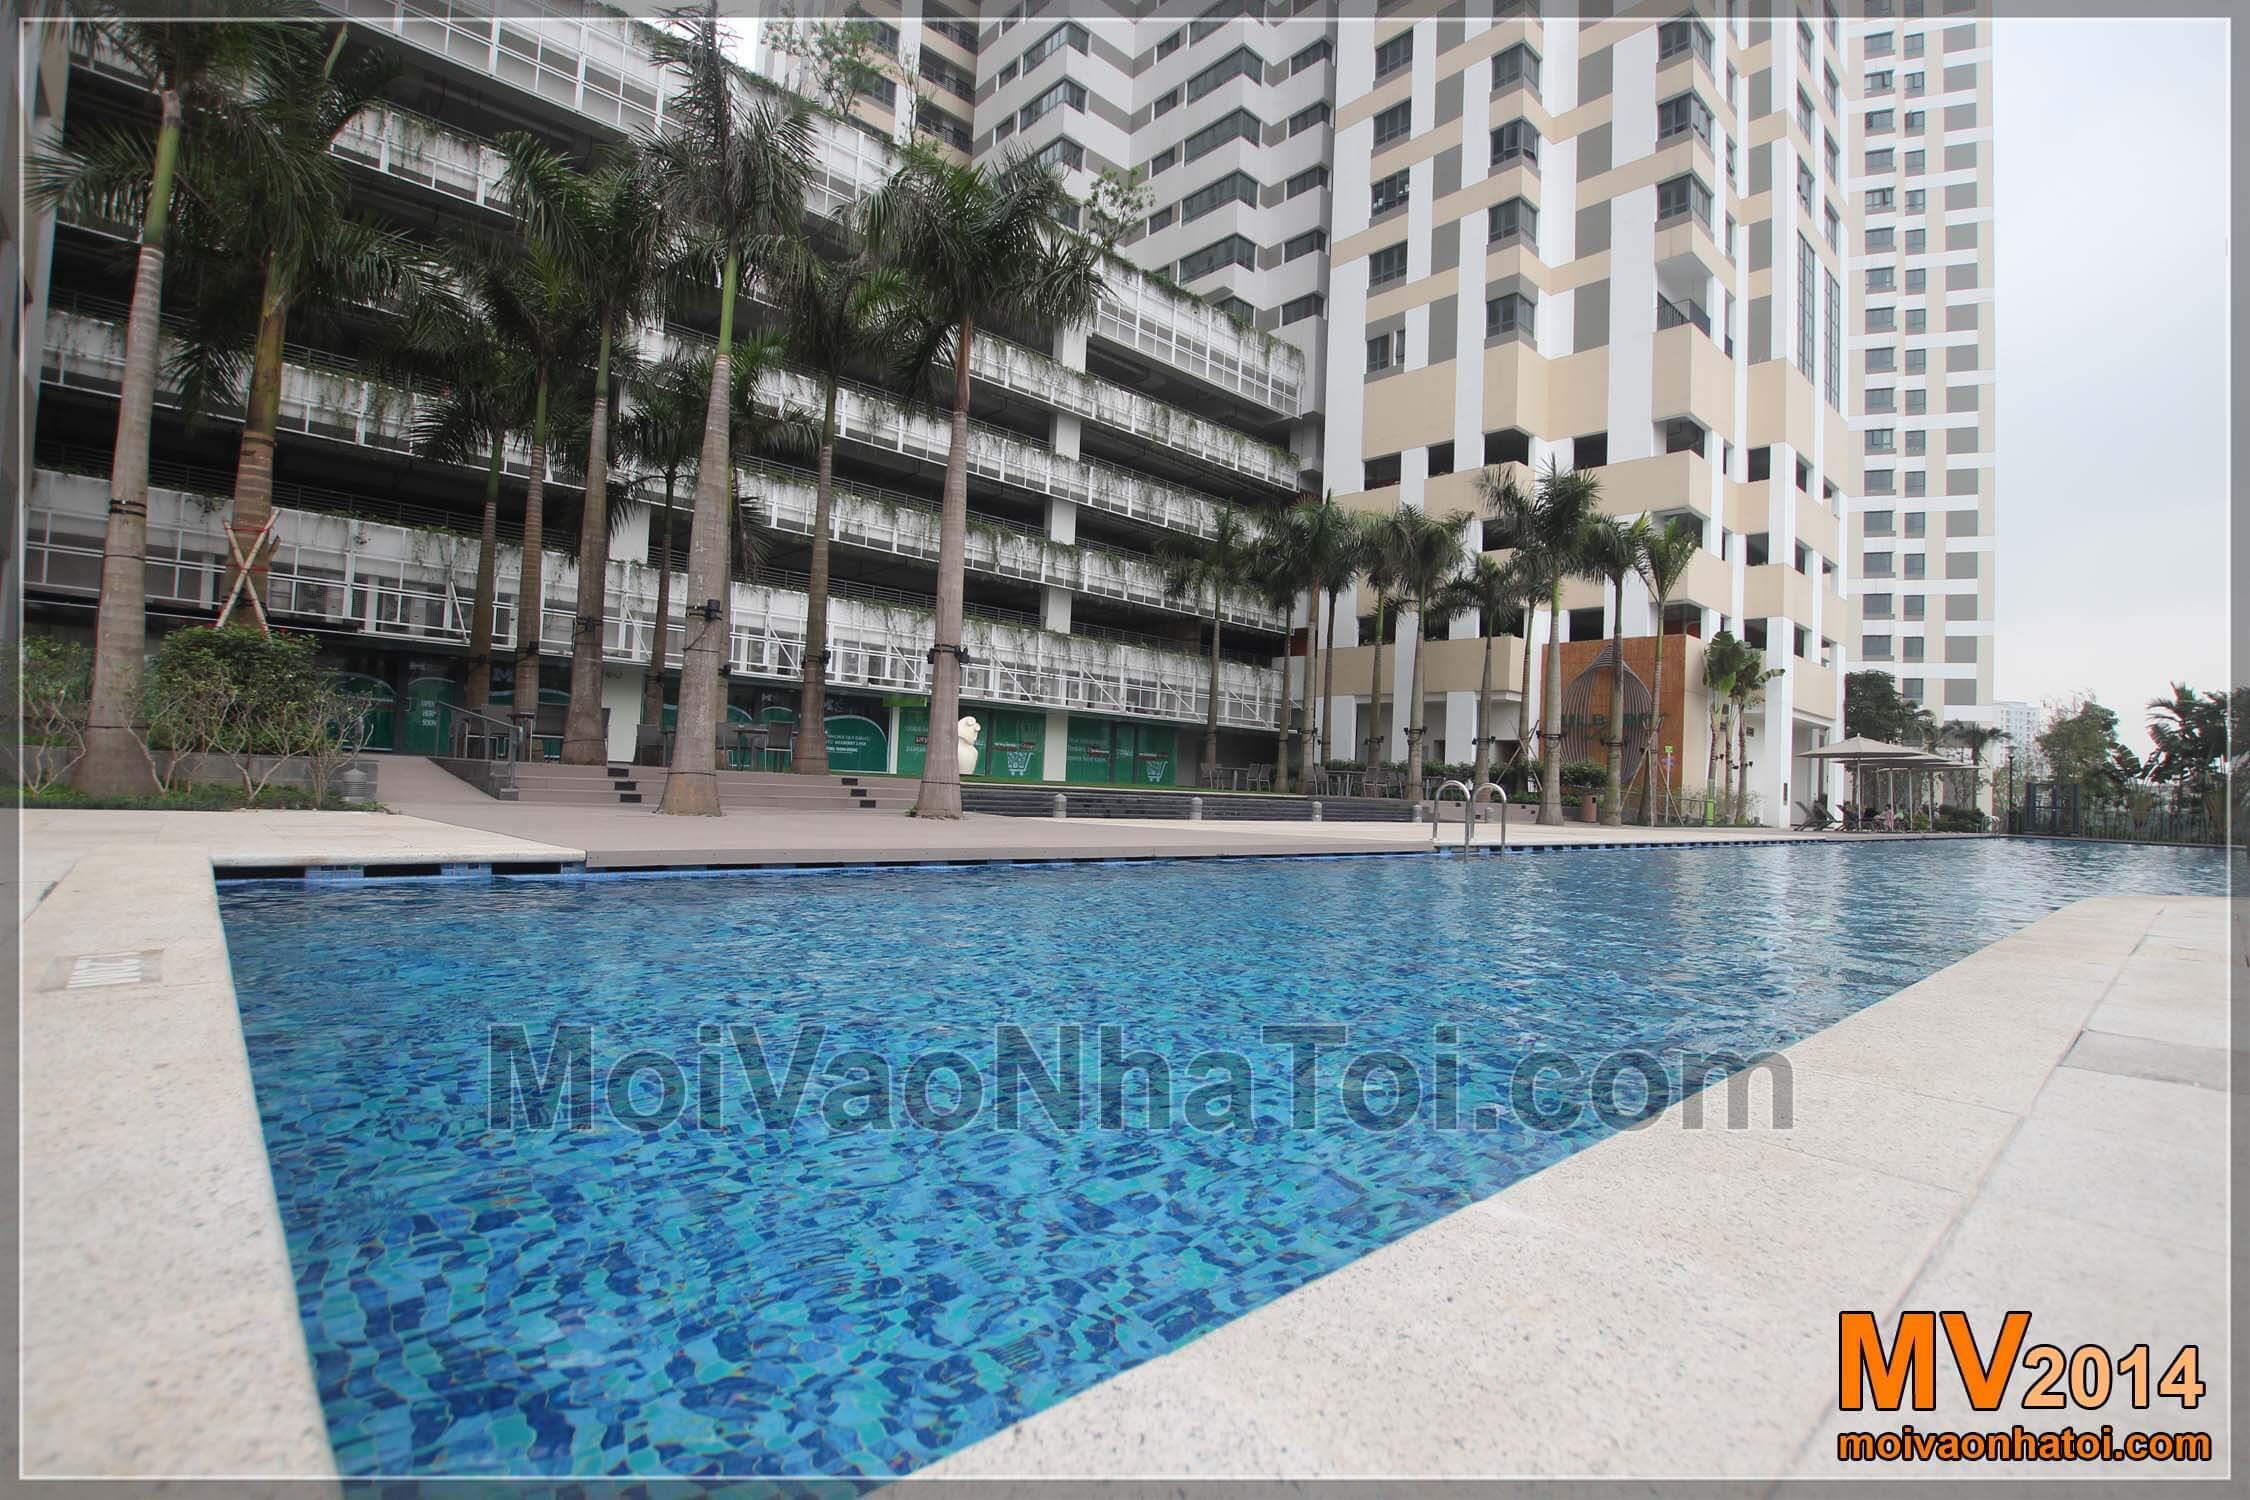 bể bơi khu chung chung cư mulberrylane.thiết kế thi công chung cư mulberry lane